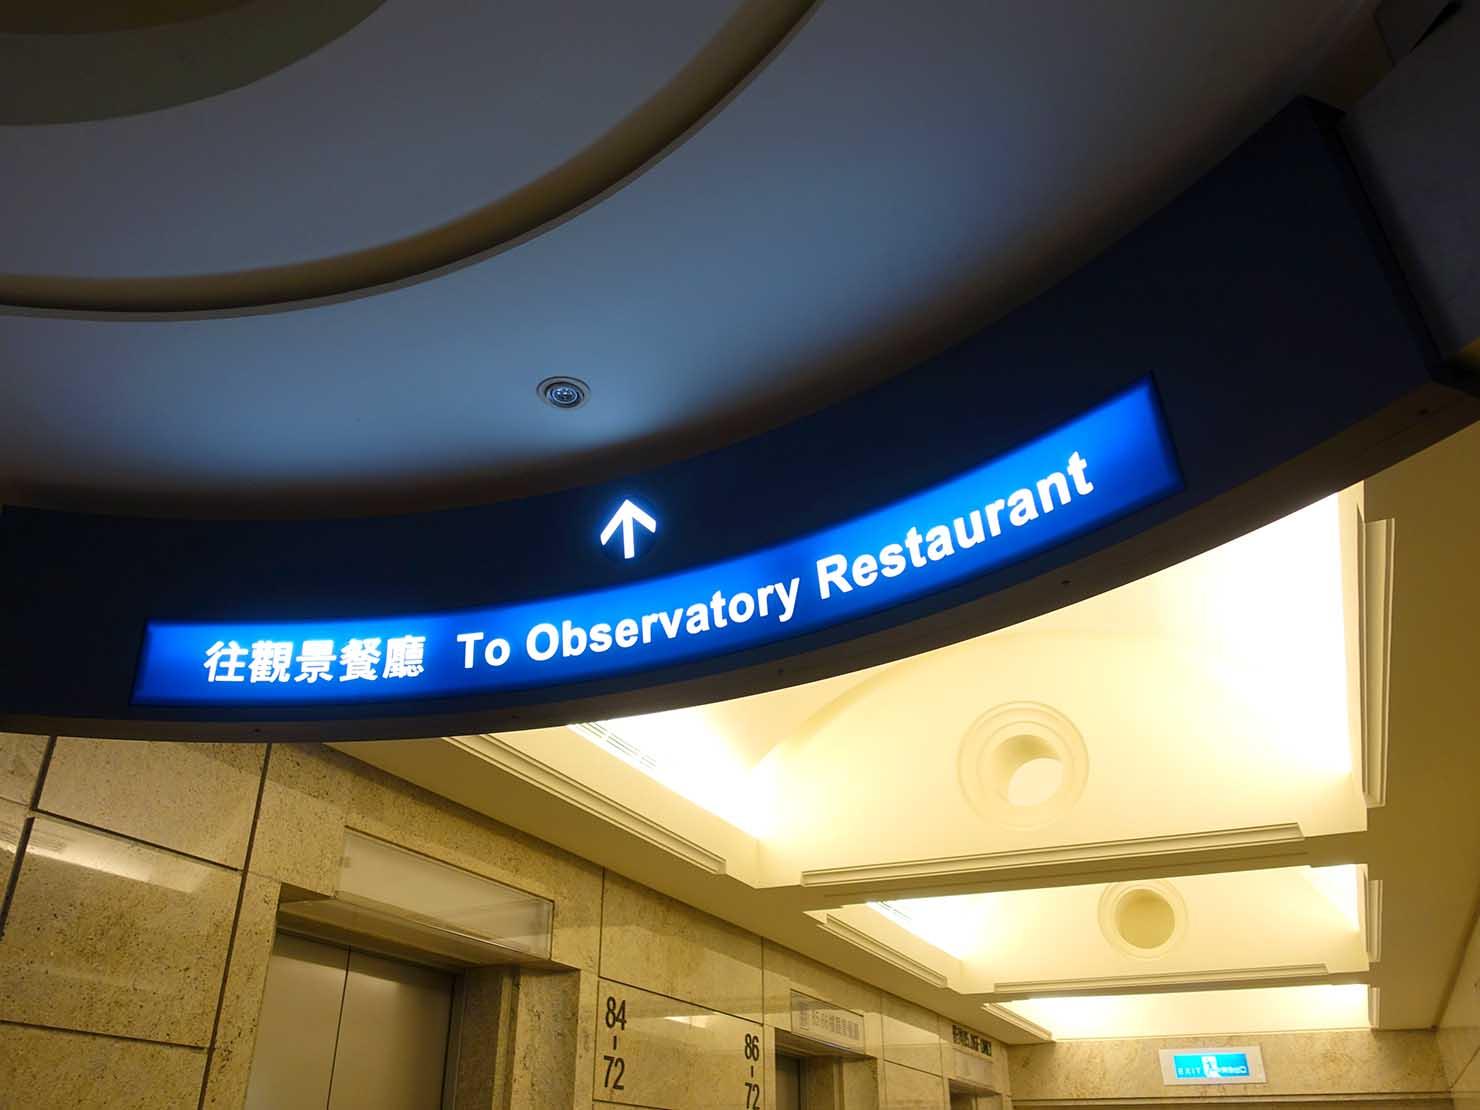 高級レストラン「頂鮮台北101」へのエレベーター乗り換え